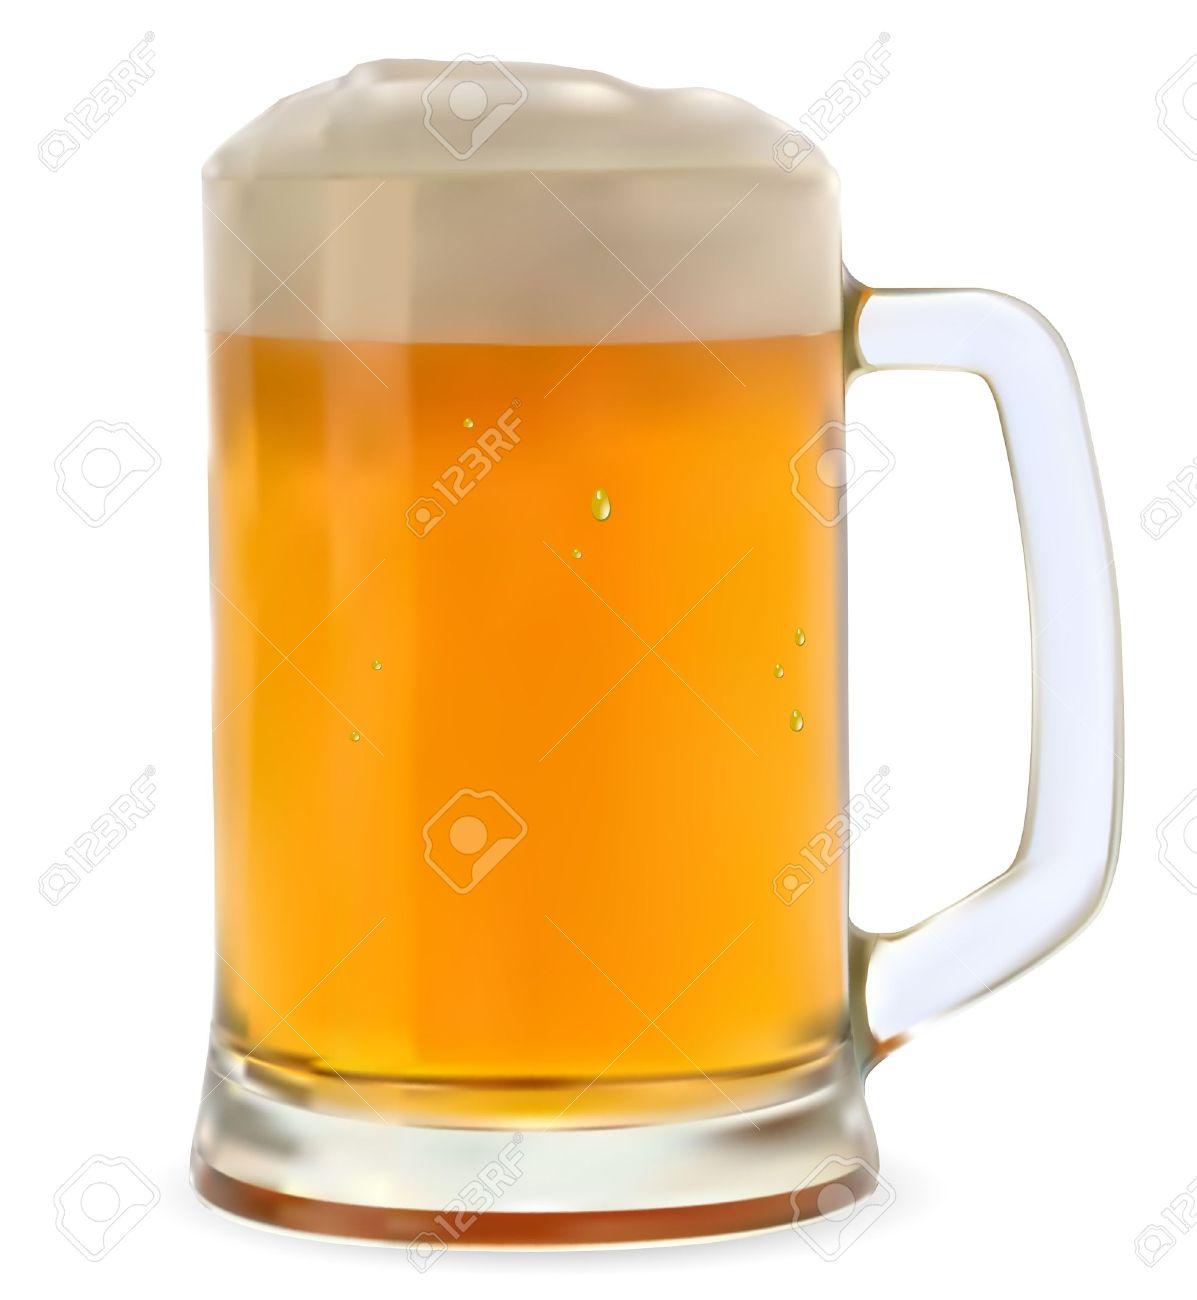 Che cos'hai pappato di buono oggi? I nostri menu - Pagina 9 13738968-Mug-of-beer-on-a-white-background--Stock-Vector-glass